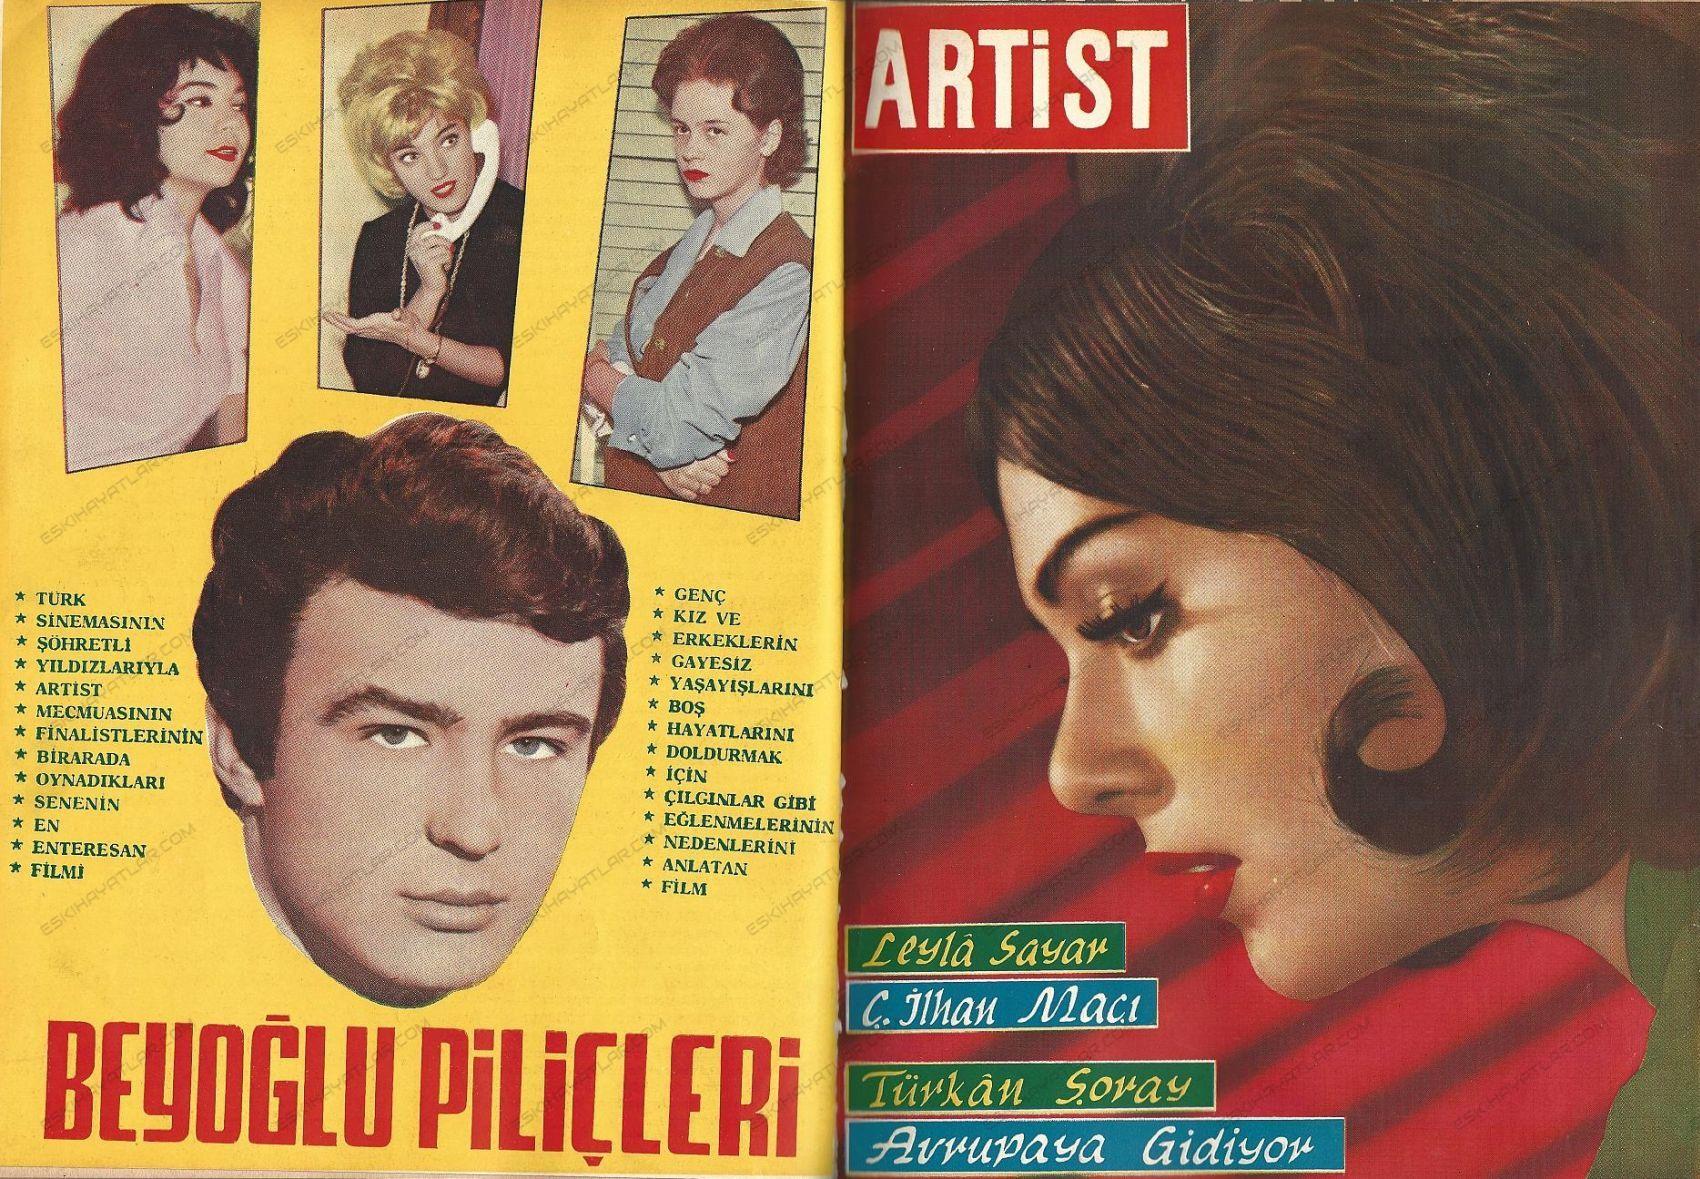 0270-beyoglu-pilicleri-film-afisi-1963-artist-dergisi